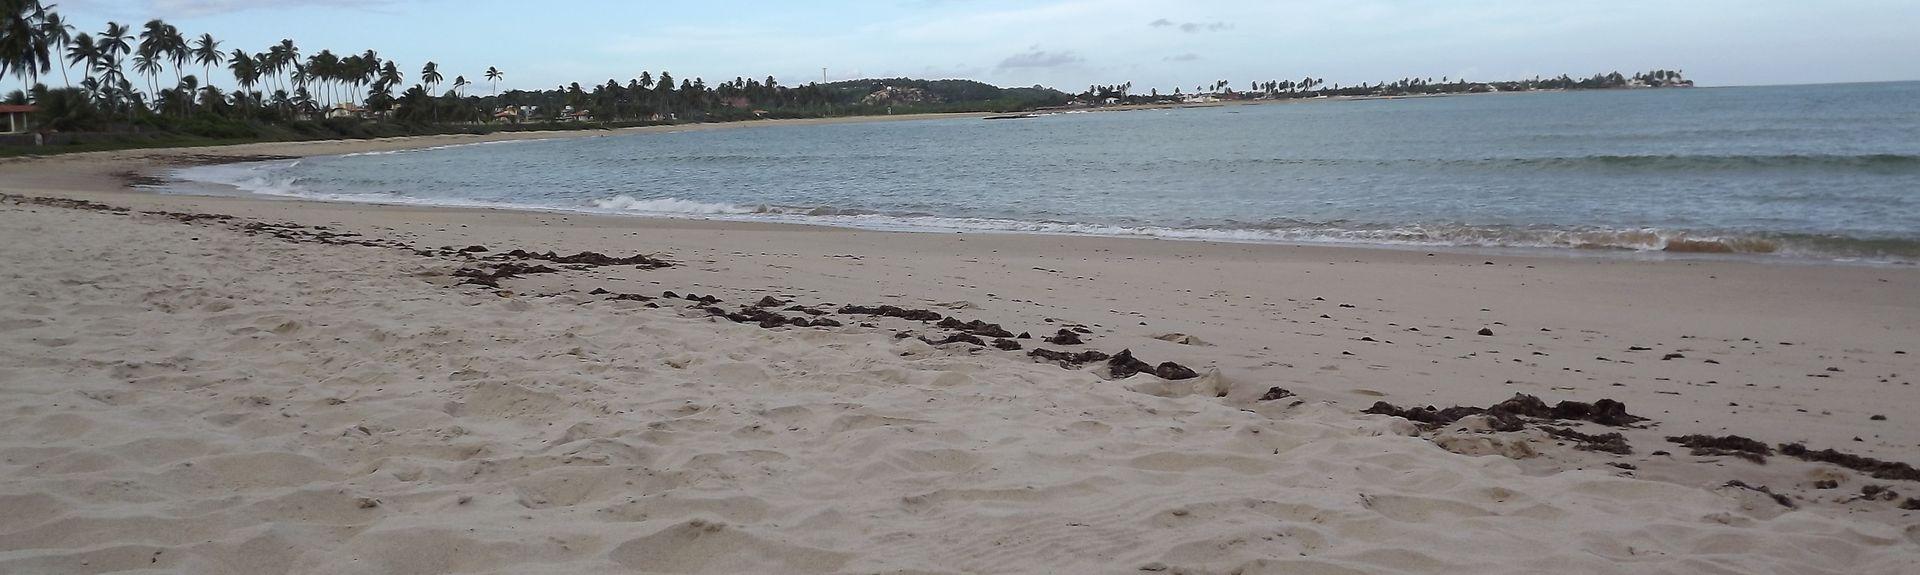 Passo de Camaragibe, Alagoas, BR